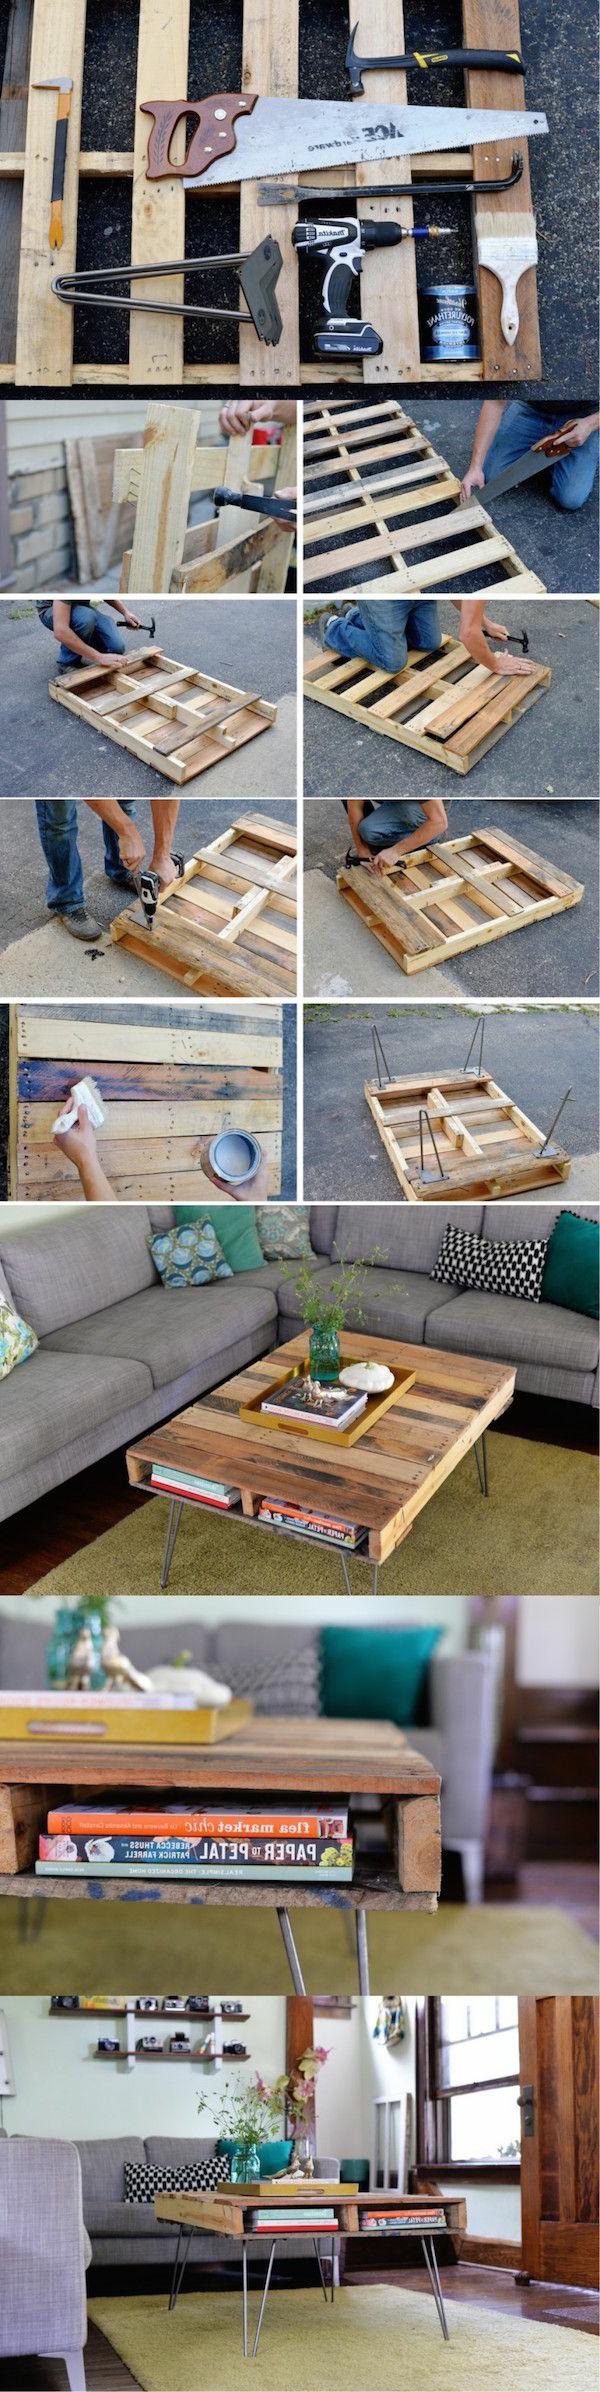 50 id es pour une table basse avec palette - Fabriquer une table basse avec des palettes ...